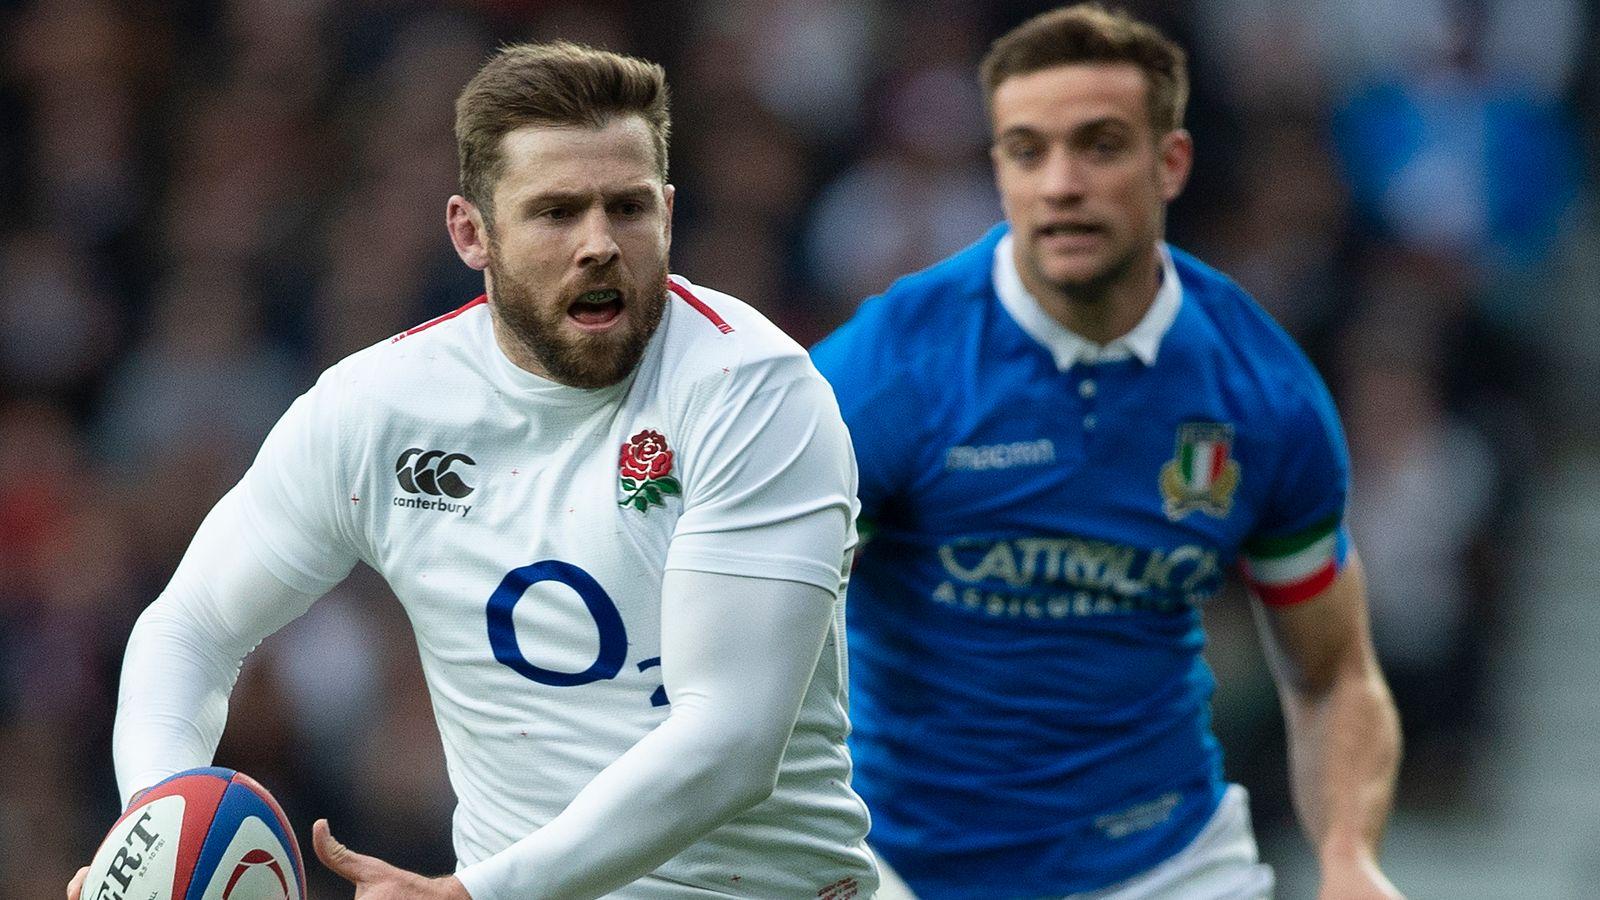 El coronavirus provoca el aplazamiento de Italia vs Inglaterra en Seis Naciones | Noticias de la Unión de Rugby 59